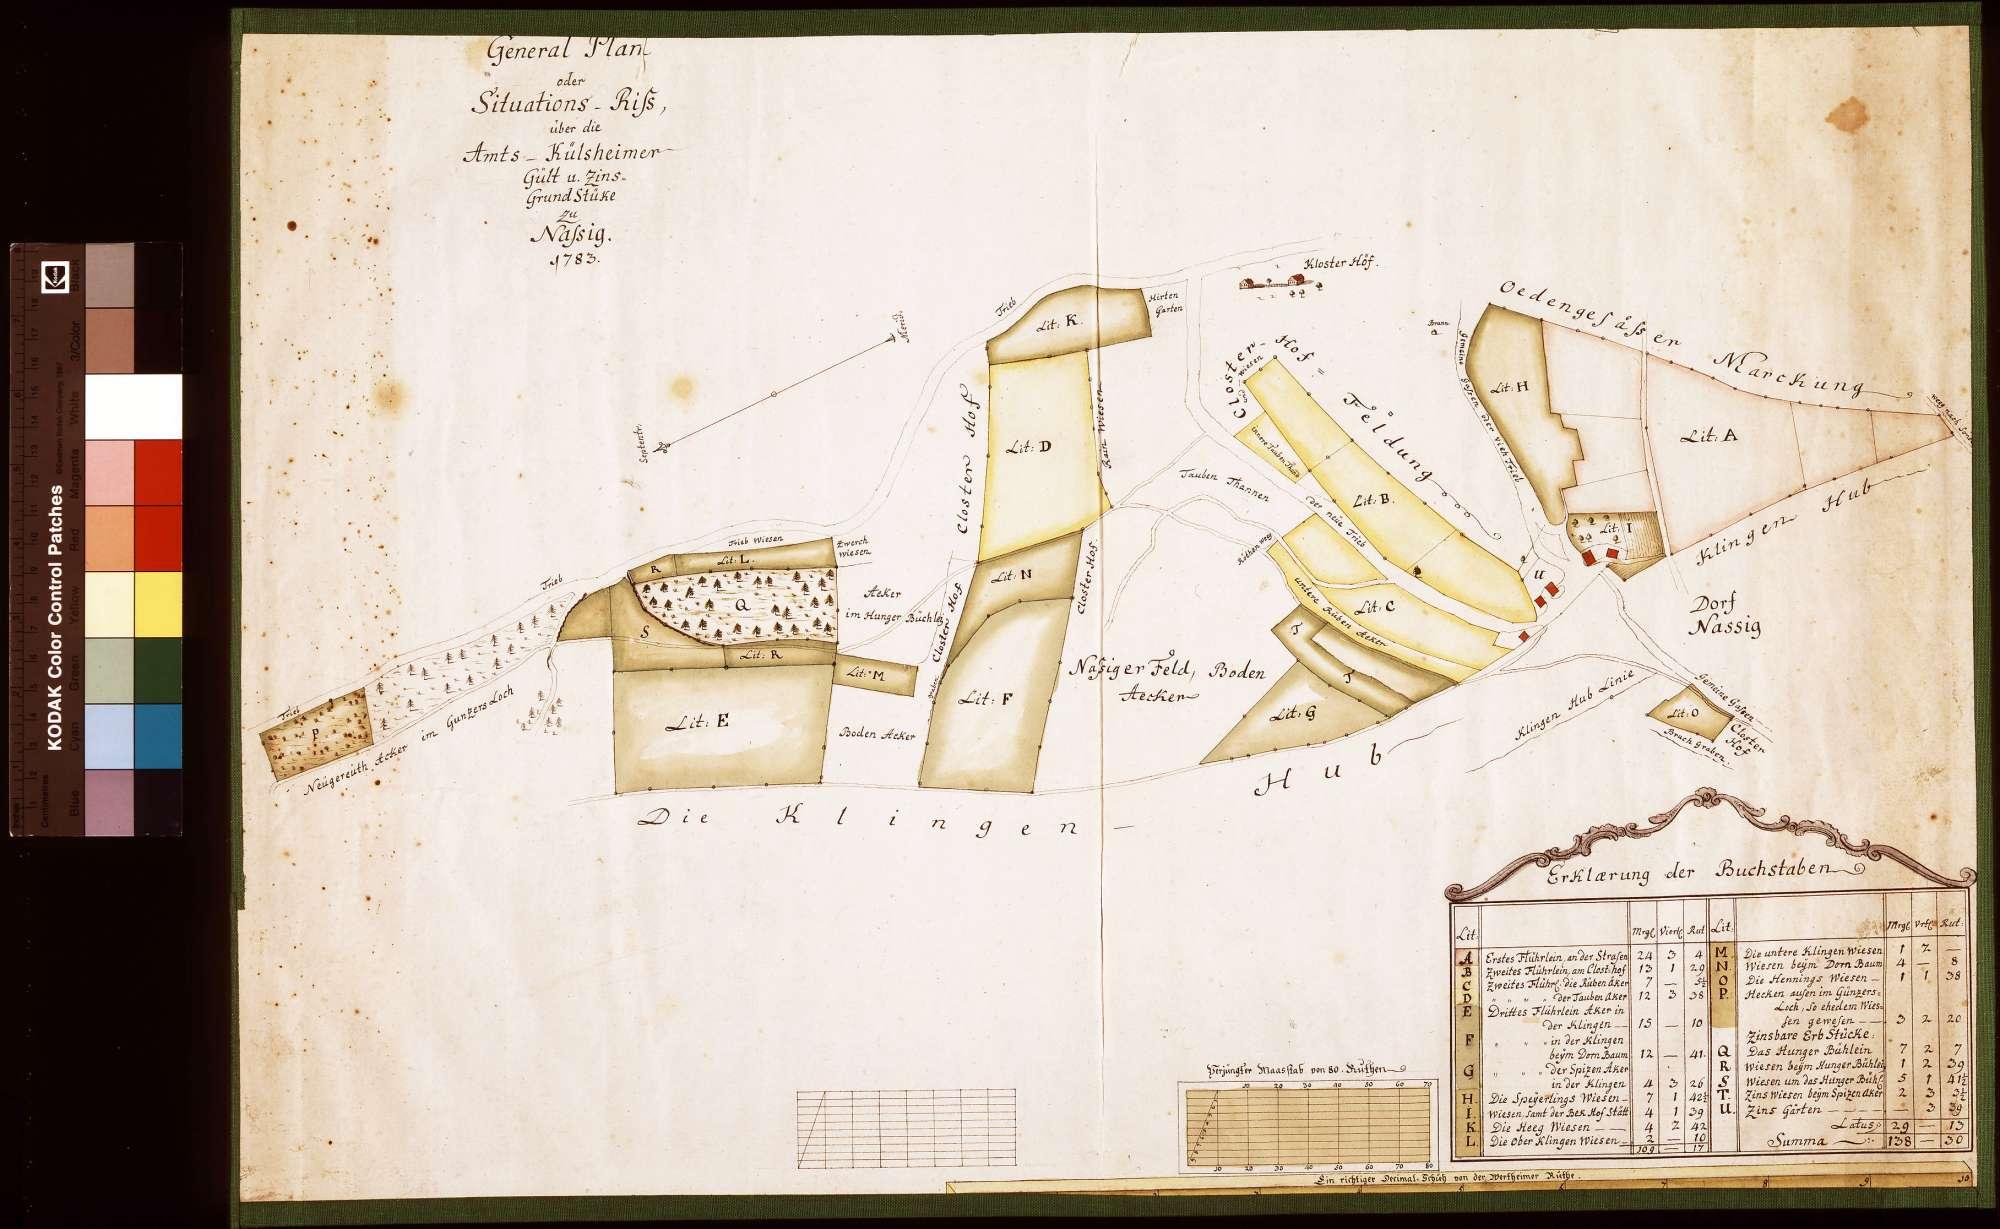 Generalplan oder Situationsriss über die Amt Külsheimer Gült- und Zinsgrundstücke zu Nassig (Inselkarte), Bild 1